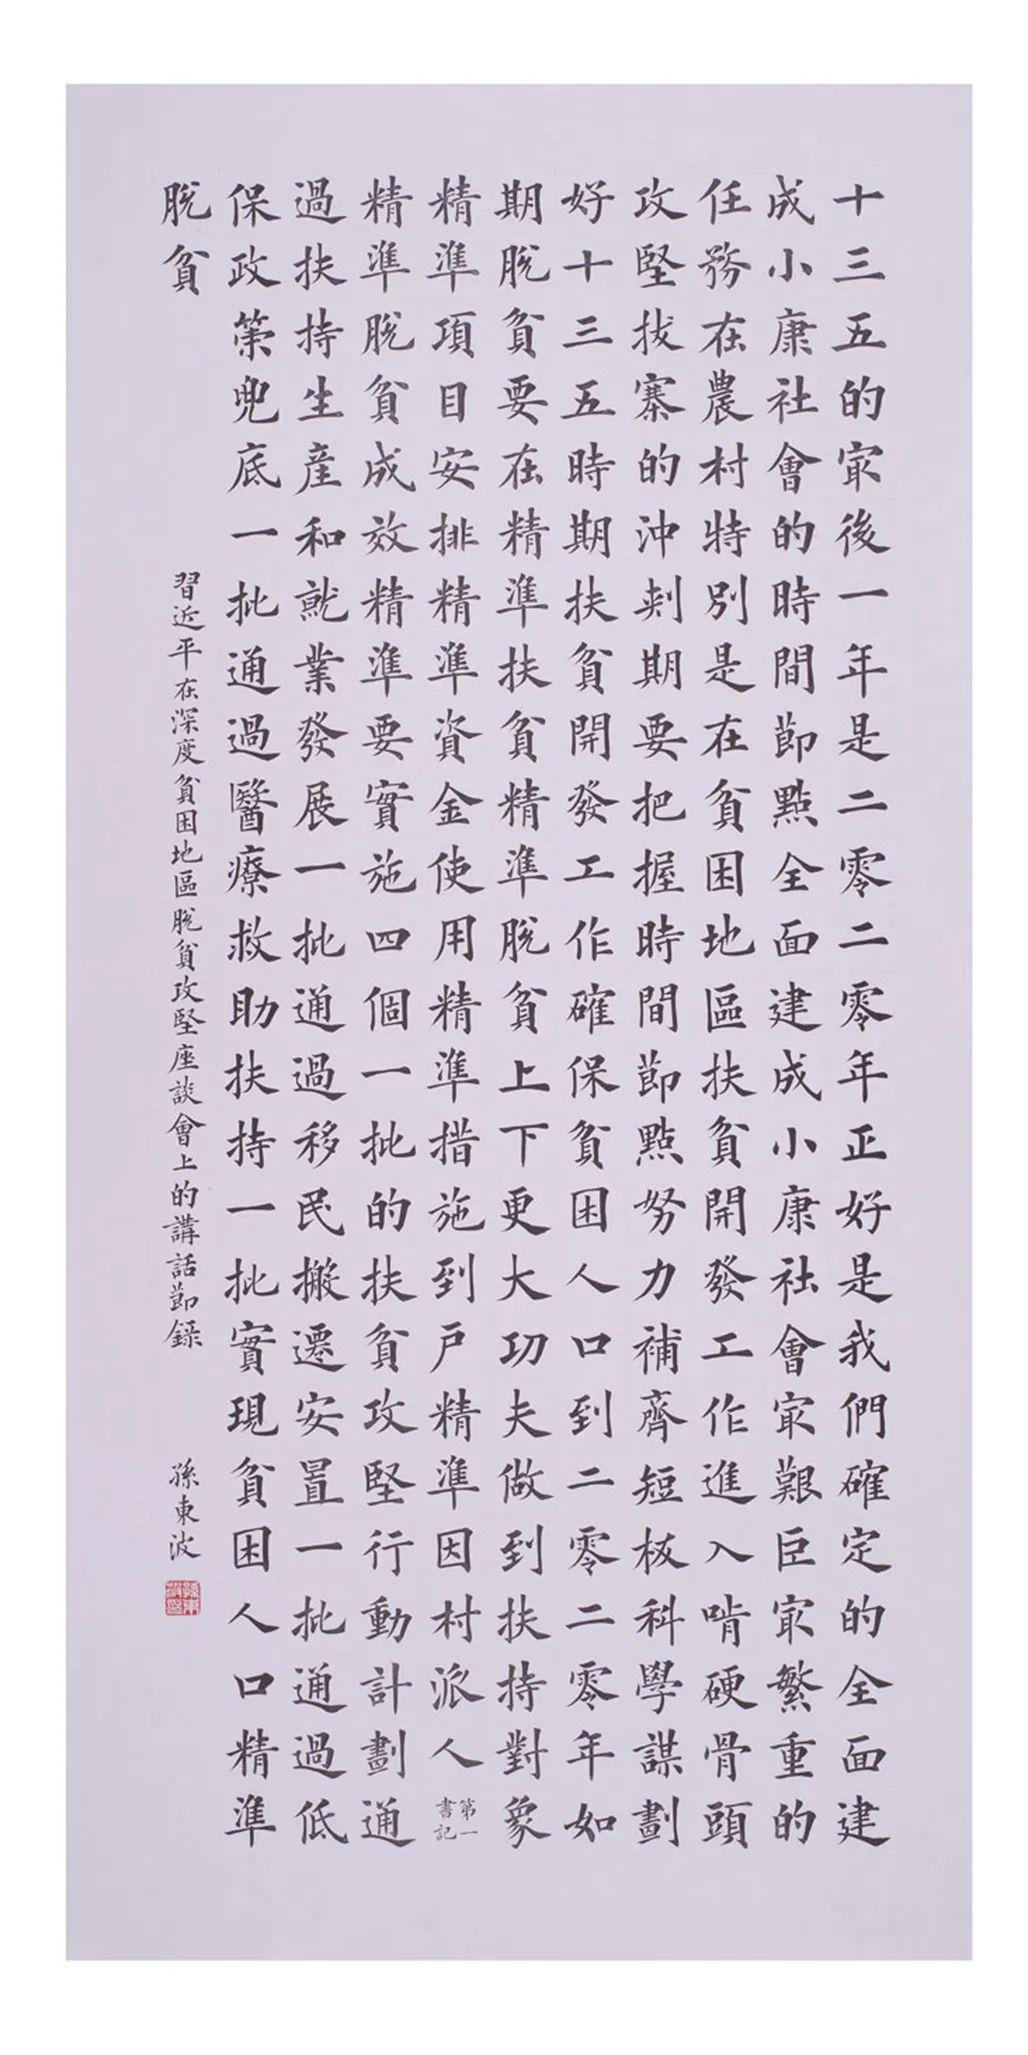 中国力量——全国扶贫书法大展作品 | 第一篇章 :人民至上(图30)